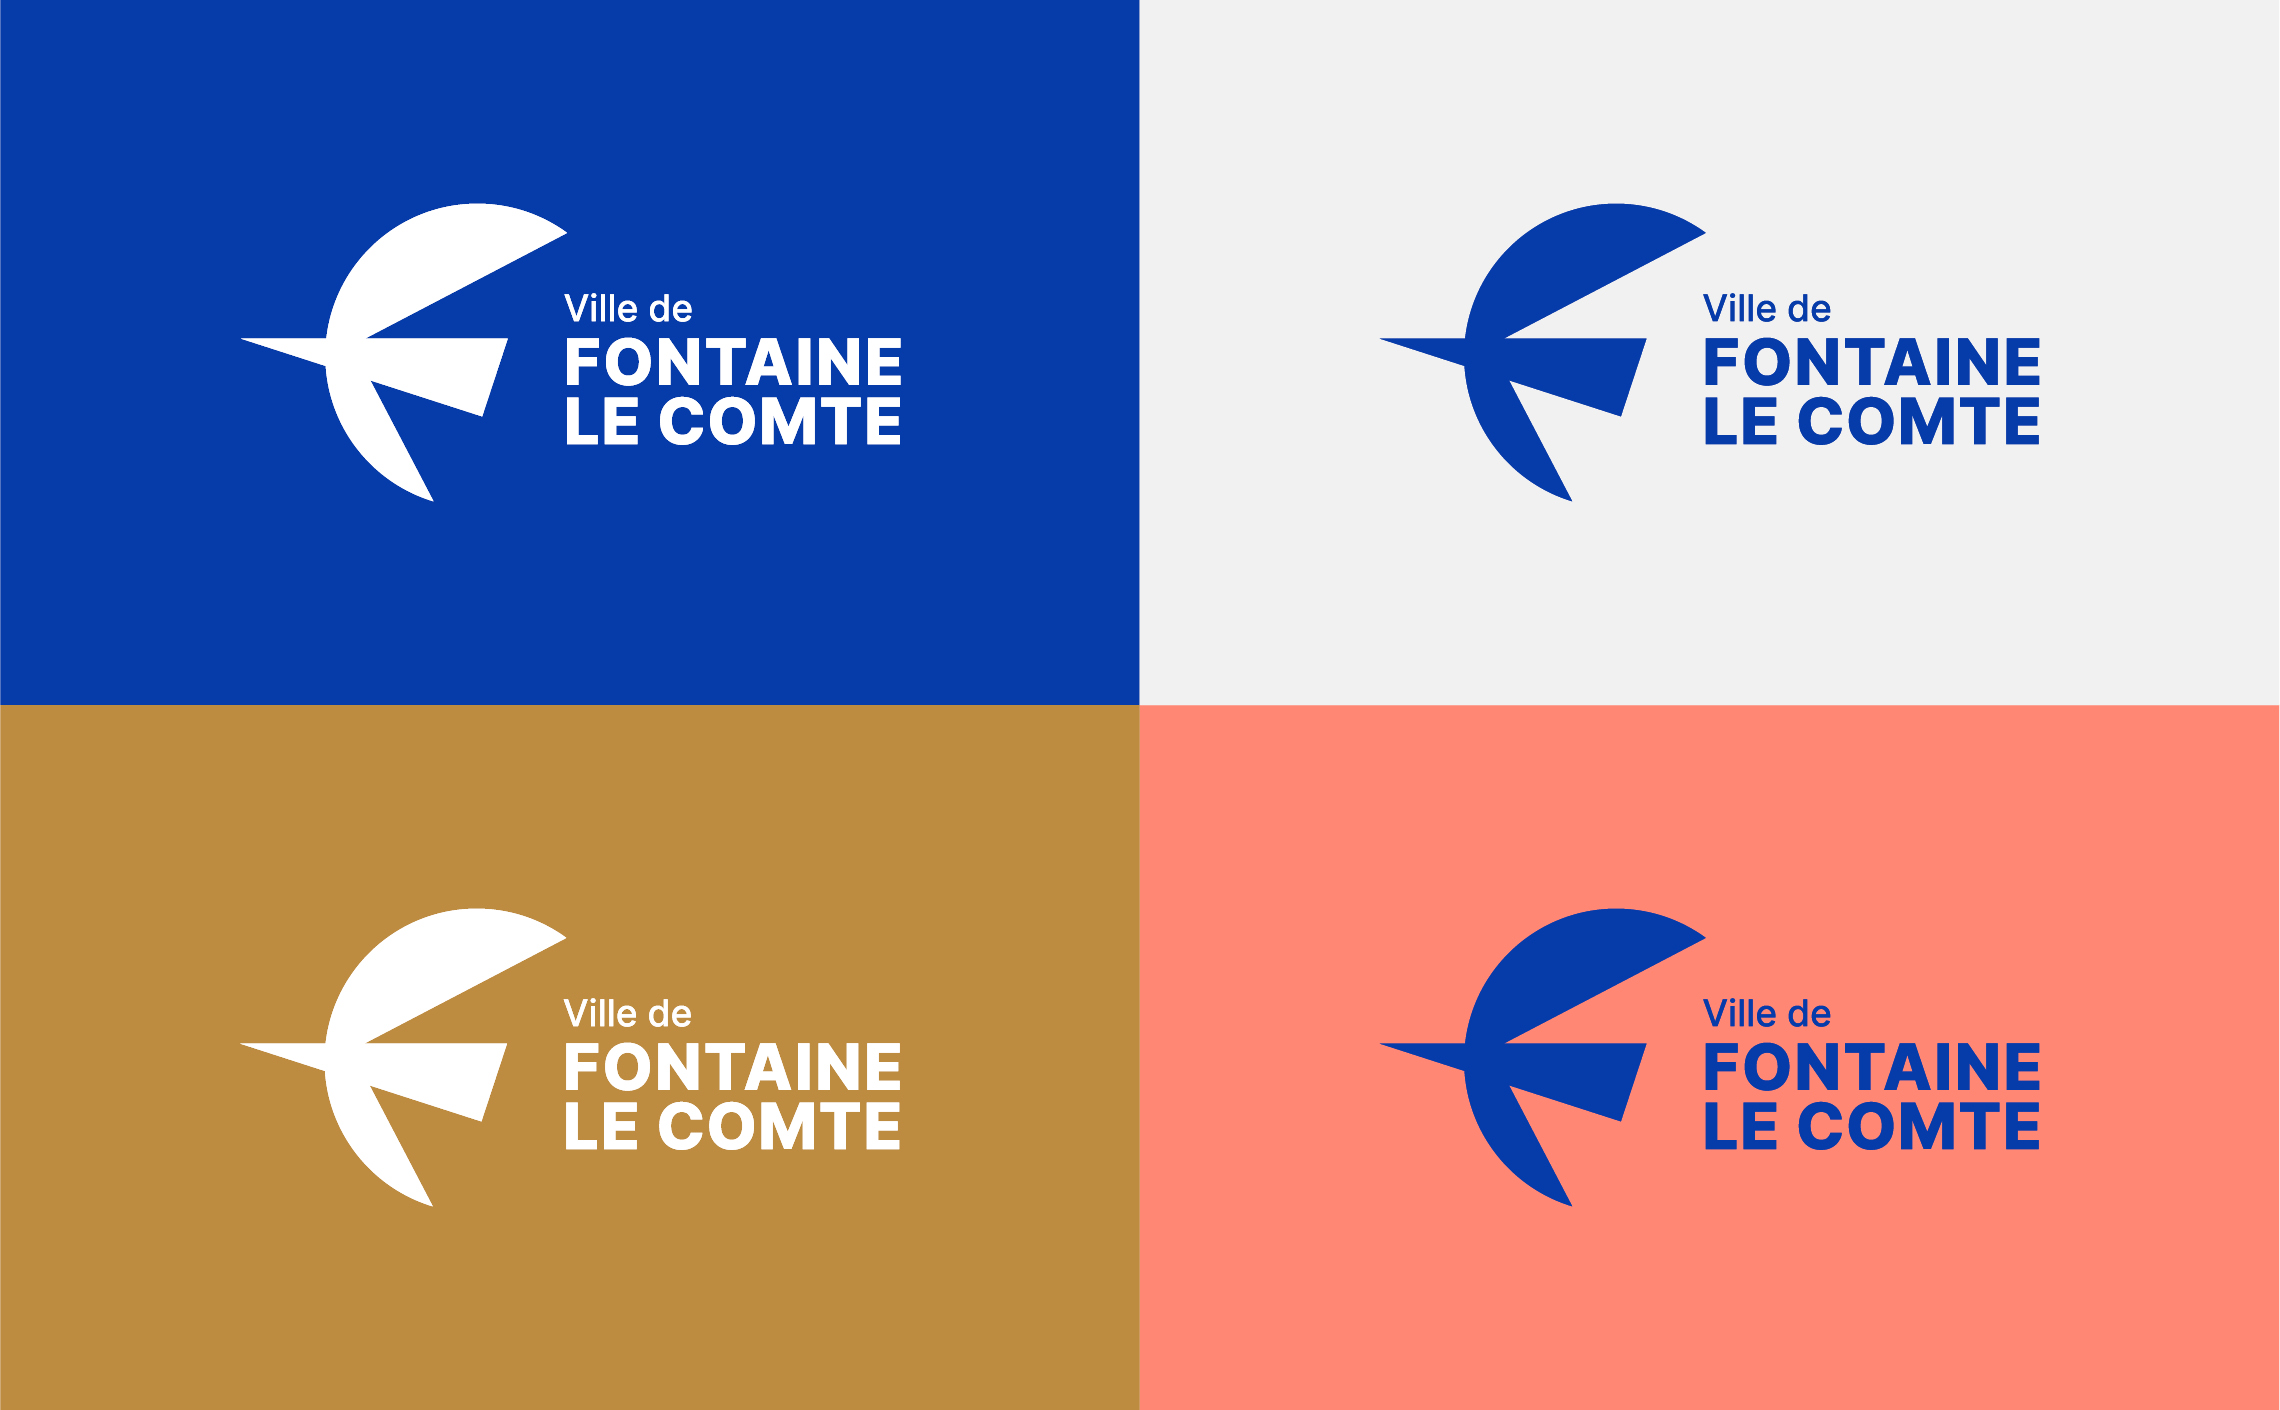 couleur logo ville fontaine